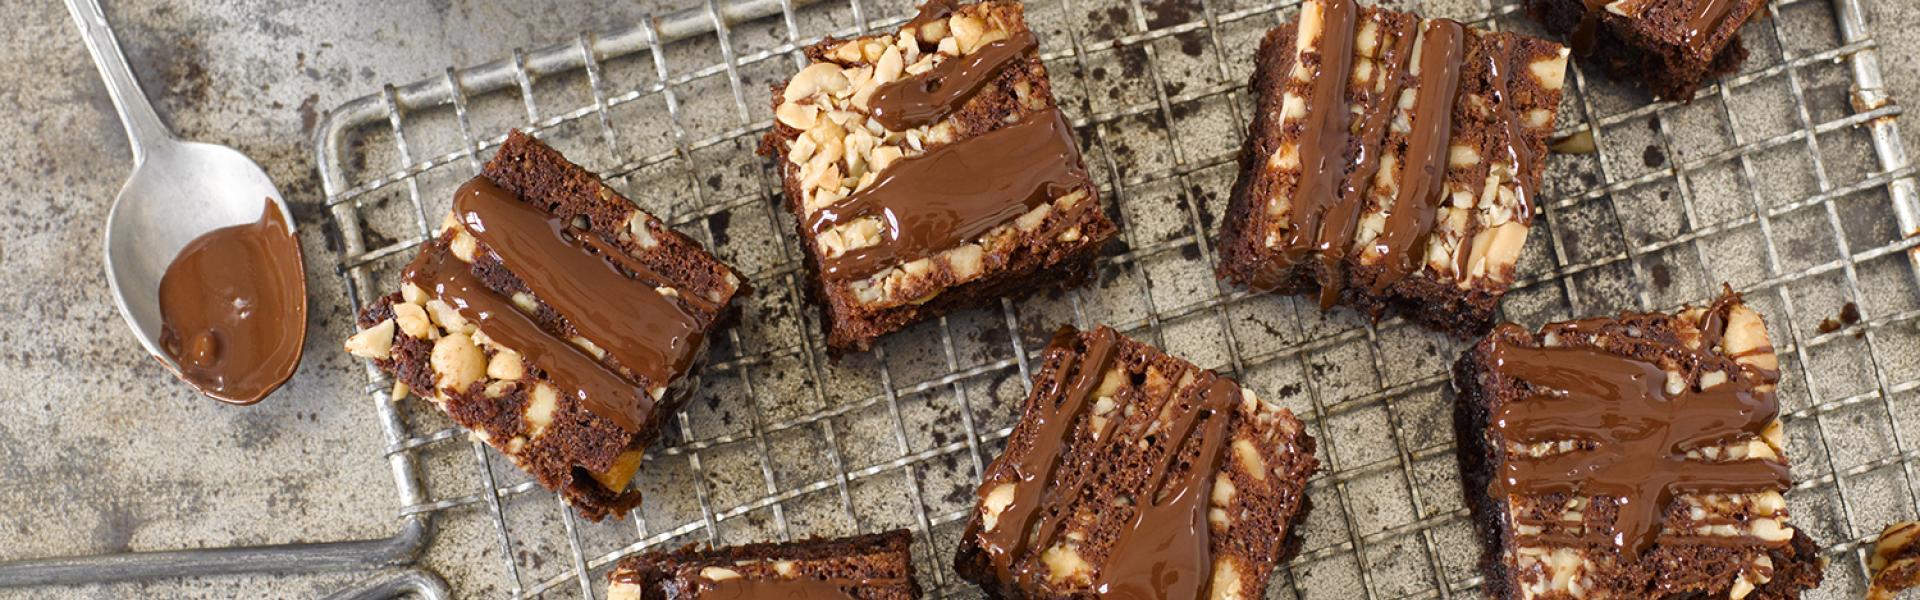 Mehrere Erdnuss-Brownies mit Schokoguss auf einem Kuchengitter.